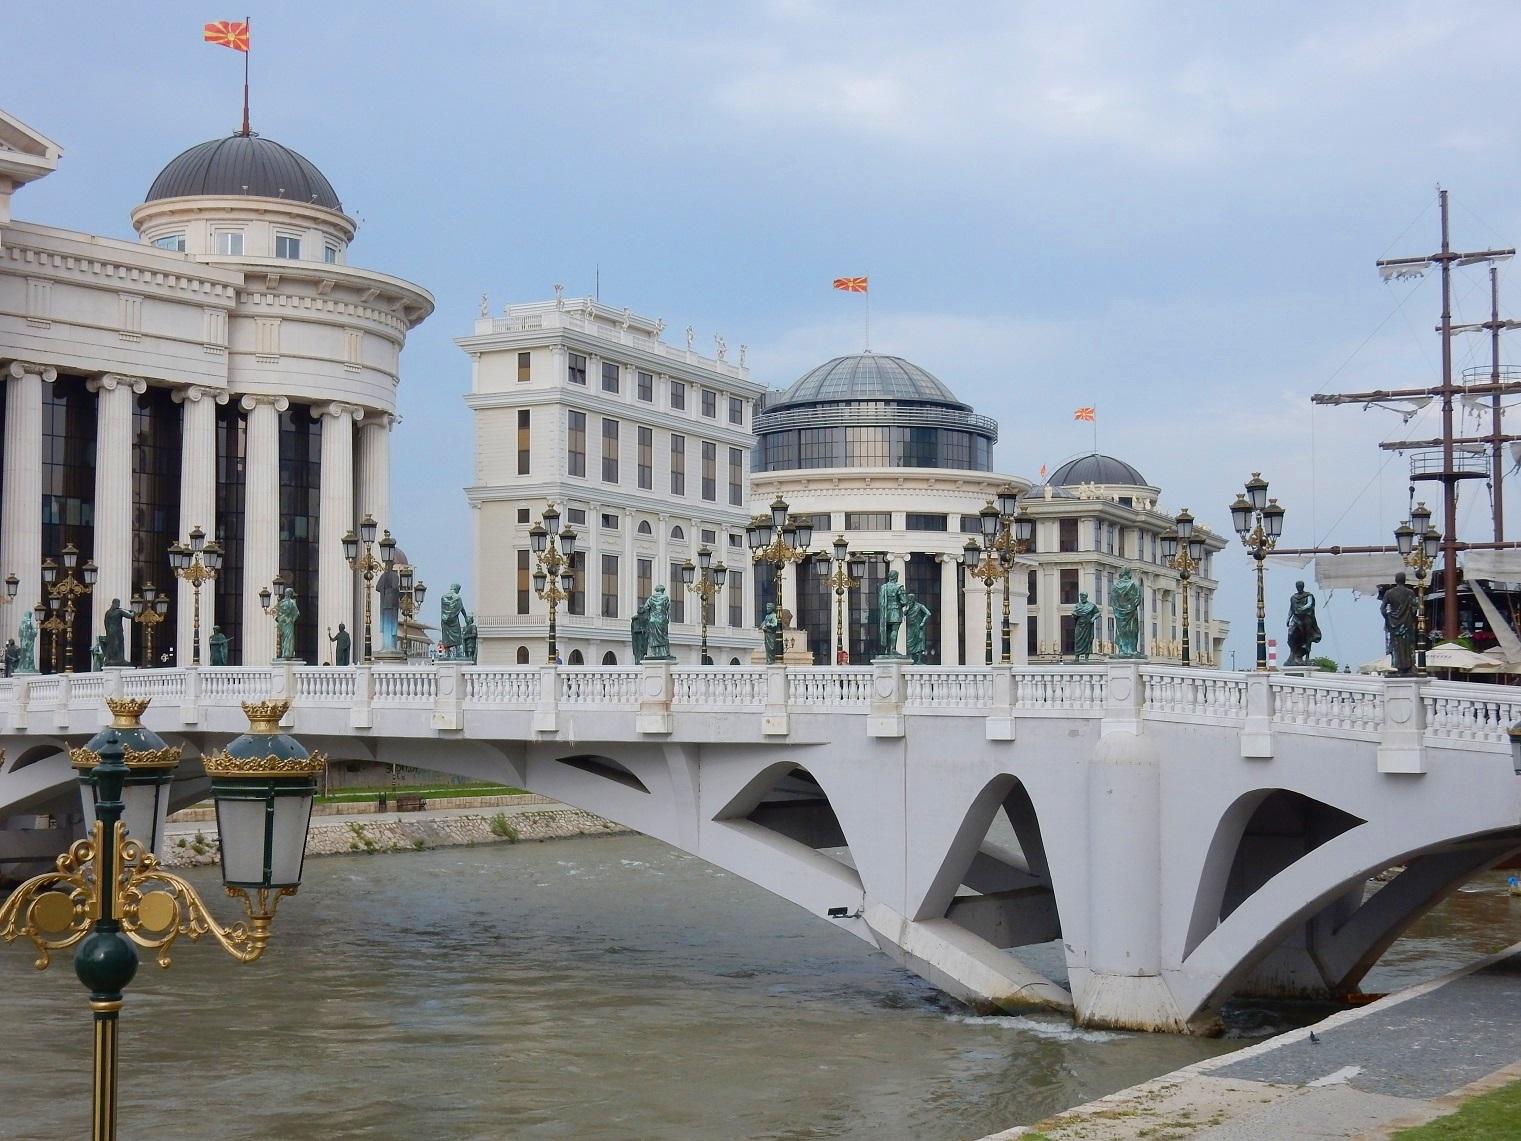 Skopje architecture bridge boat